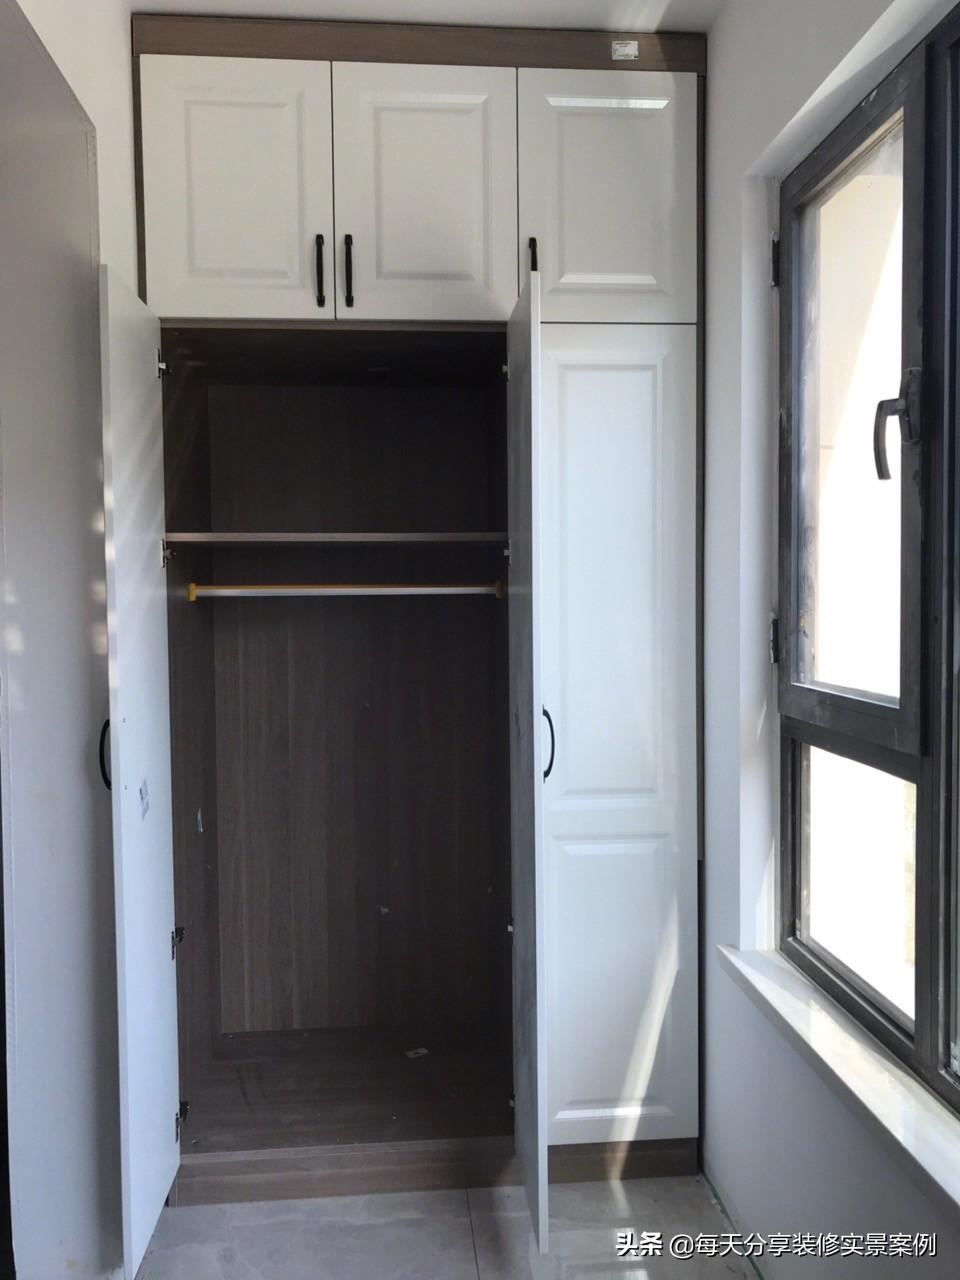 历时两个月硬装完工,全屋定制柜子花了3W太值得了,邻居都羡慕!